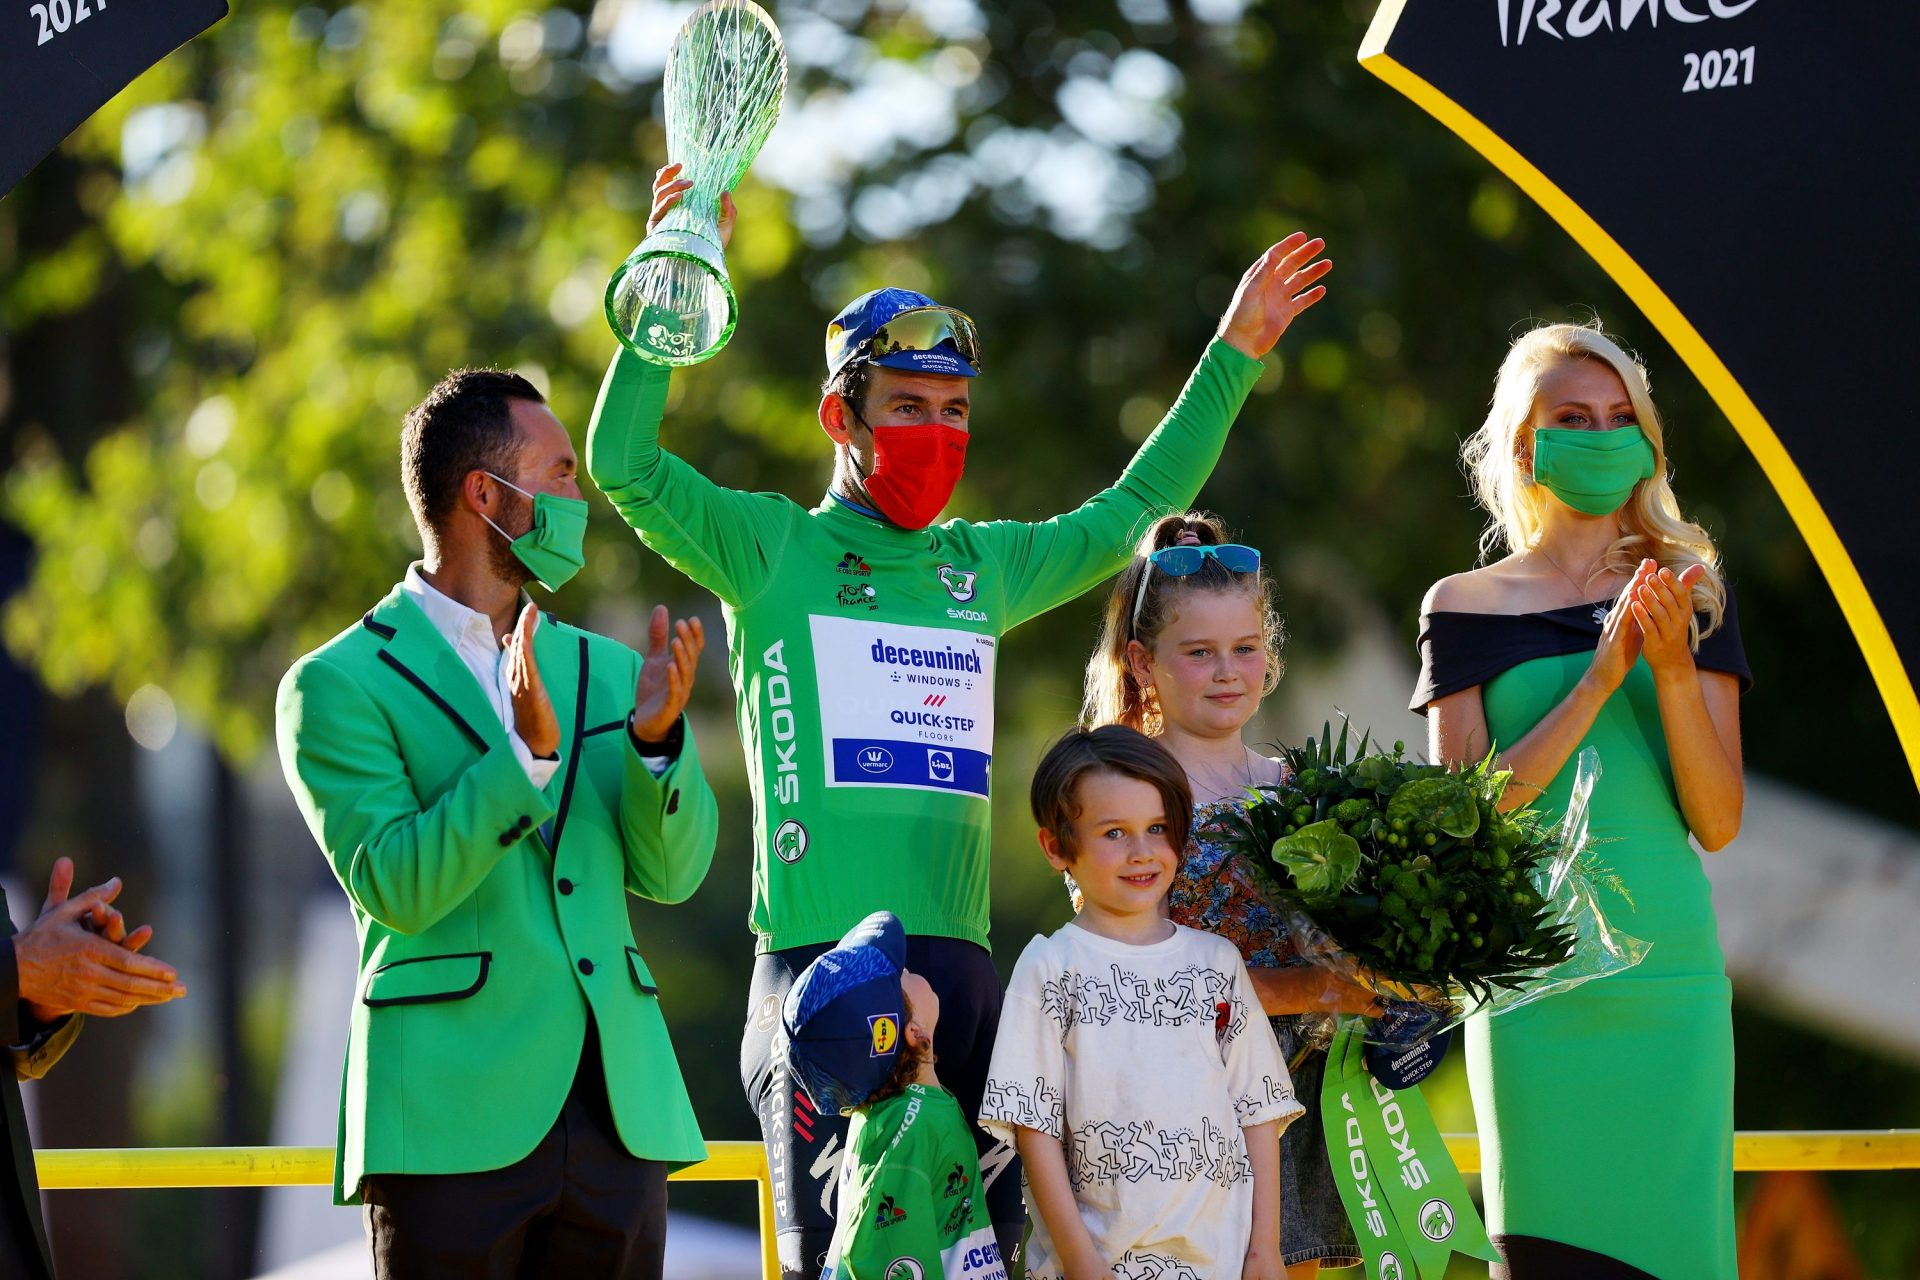 Mark Cavendish při přebírání zeleného dresu pro vítěze bodovací soutěže s celou rodinou. Foto: